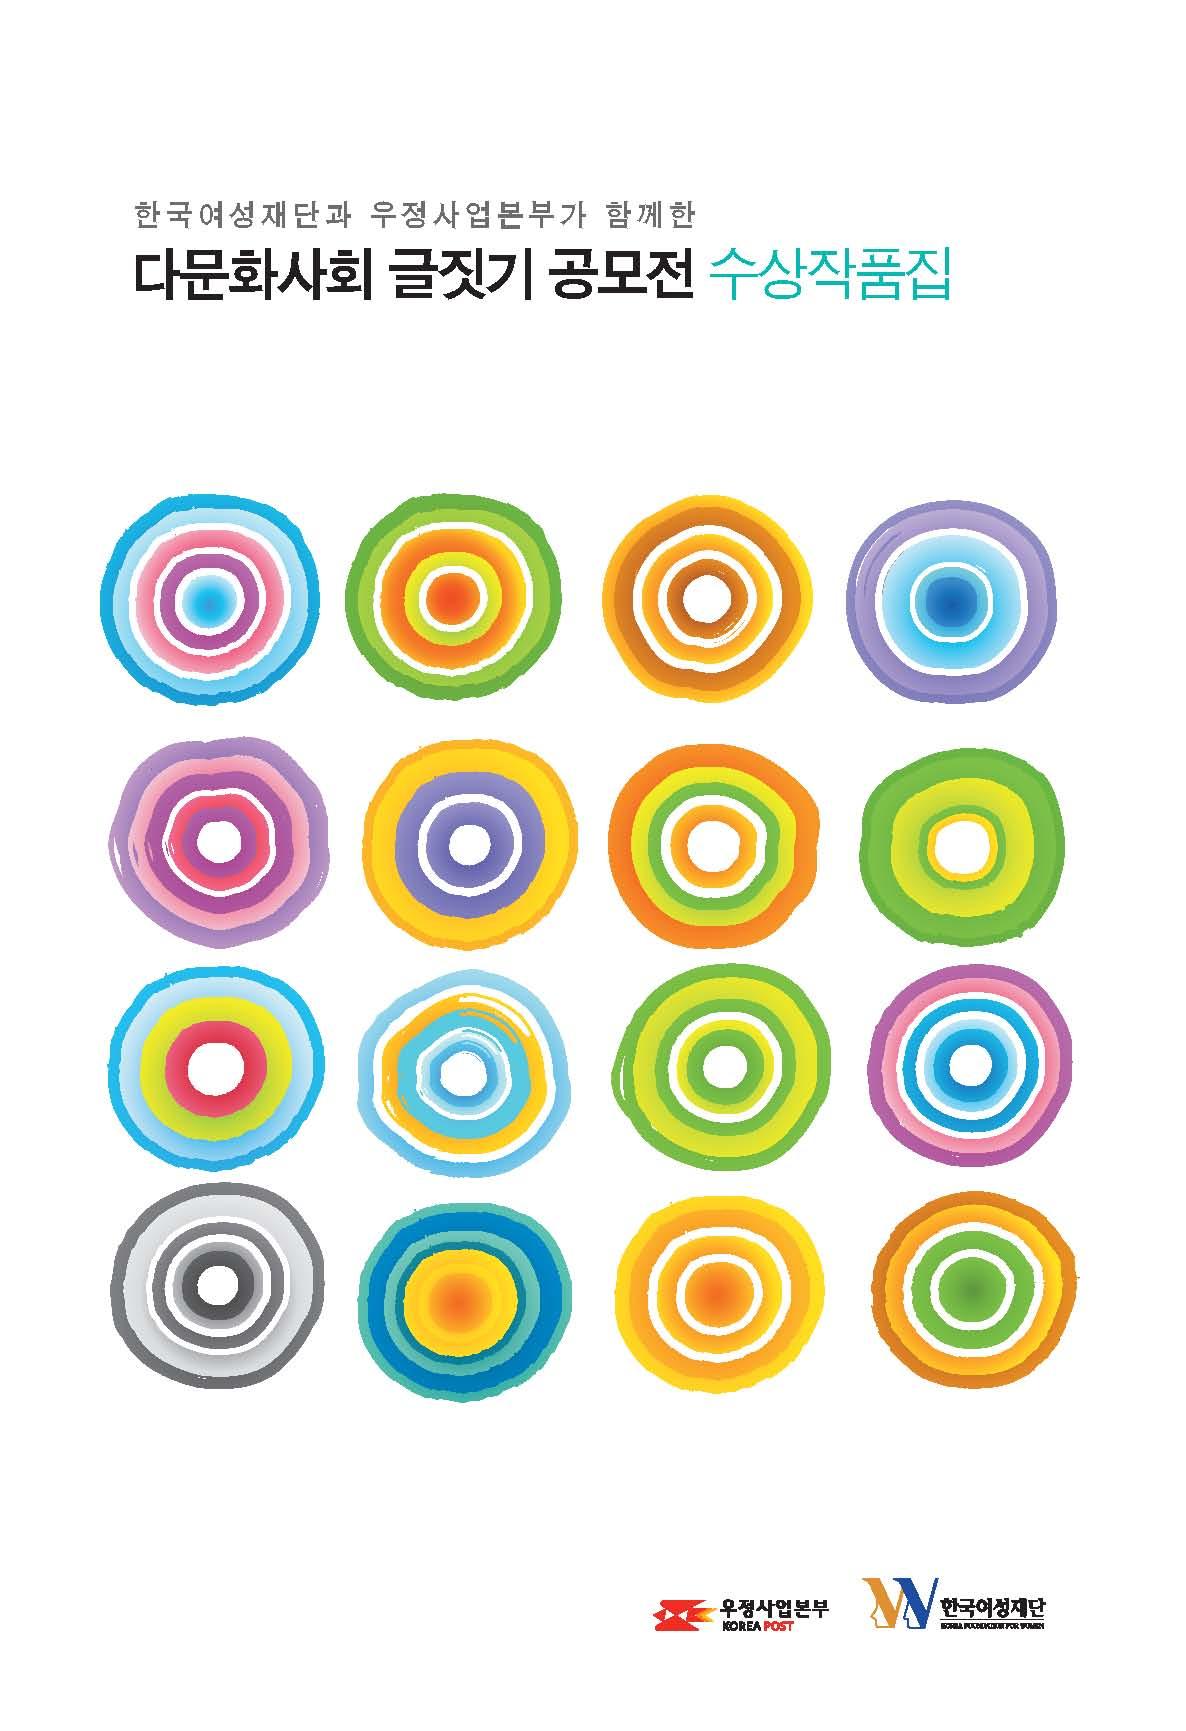 페이지_ 2011다문화사회글짓기공모전수상작품집[1].jpg